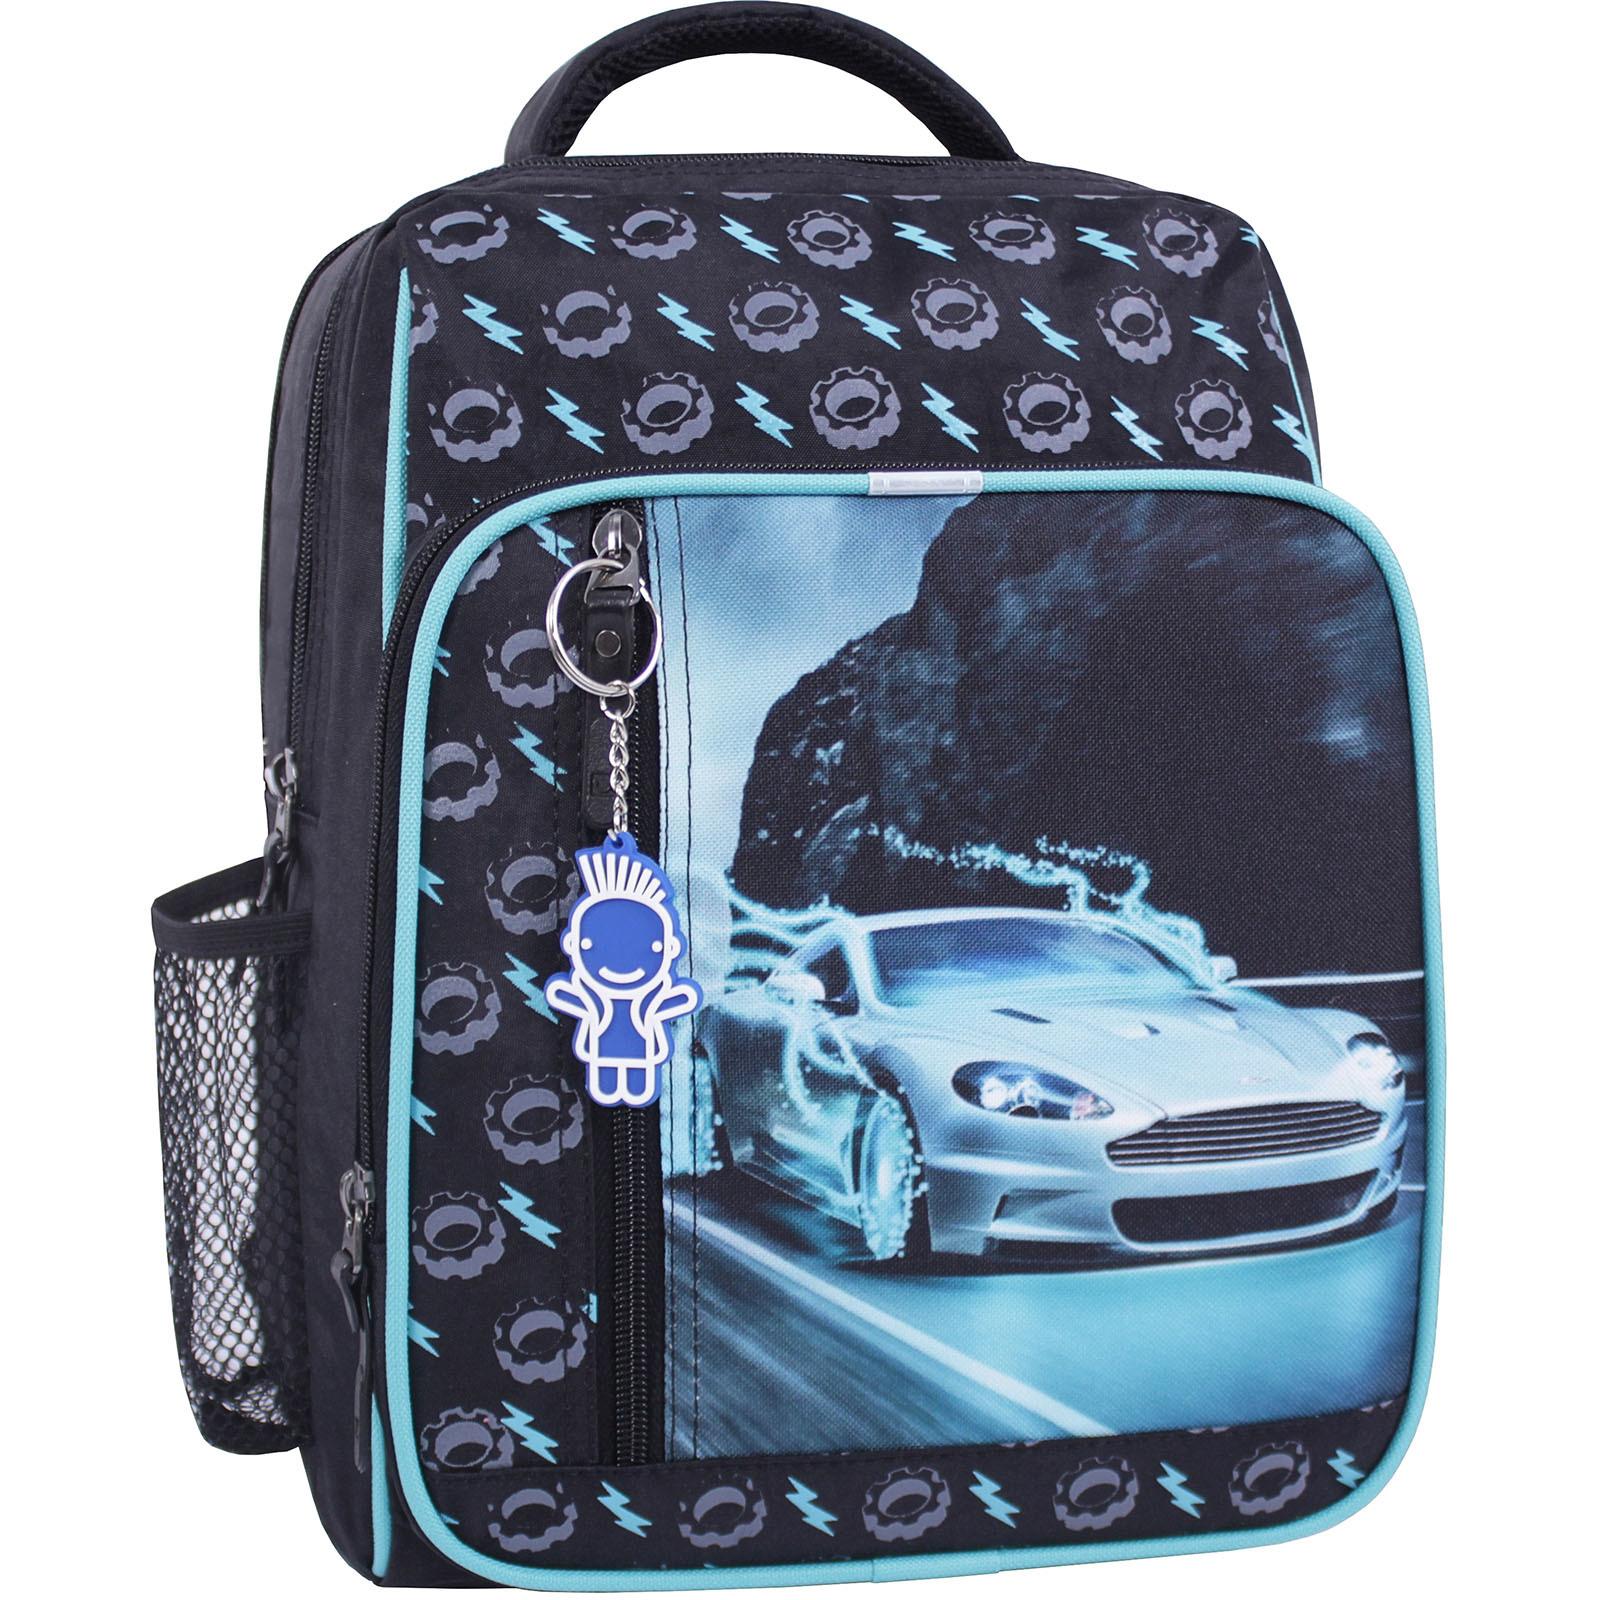 Рюкзак школьный Bagland Школьник 8 л. Черный 419 (0012870) фото 1